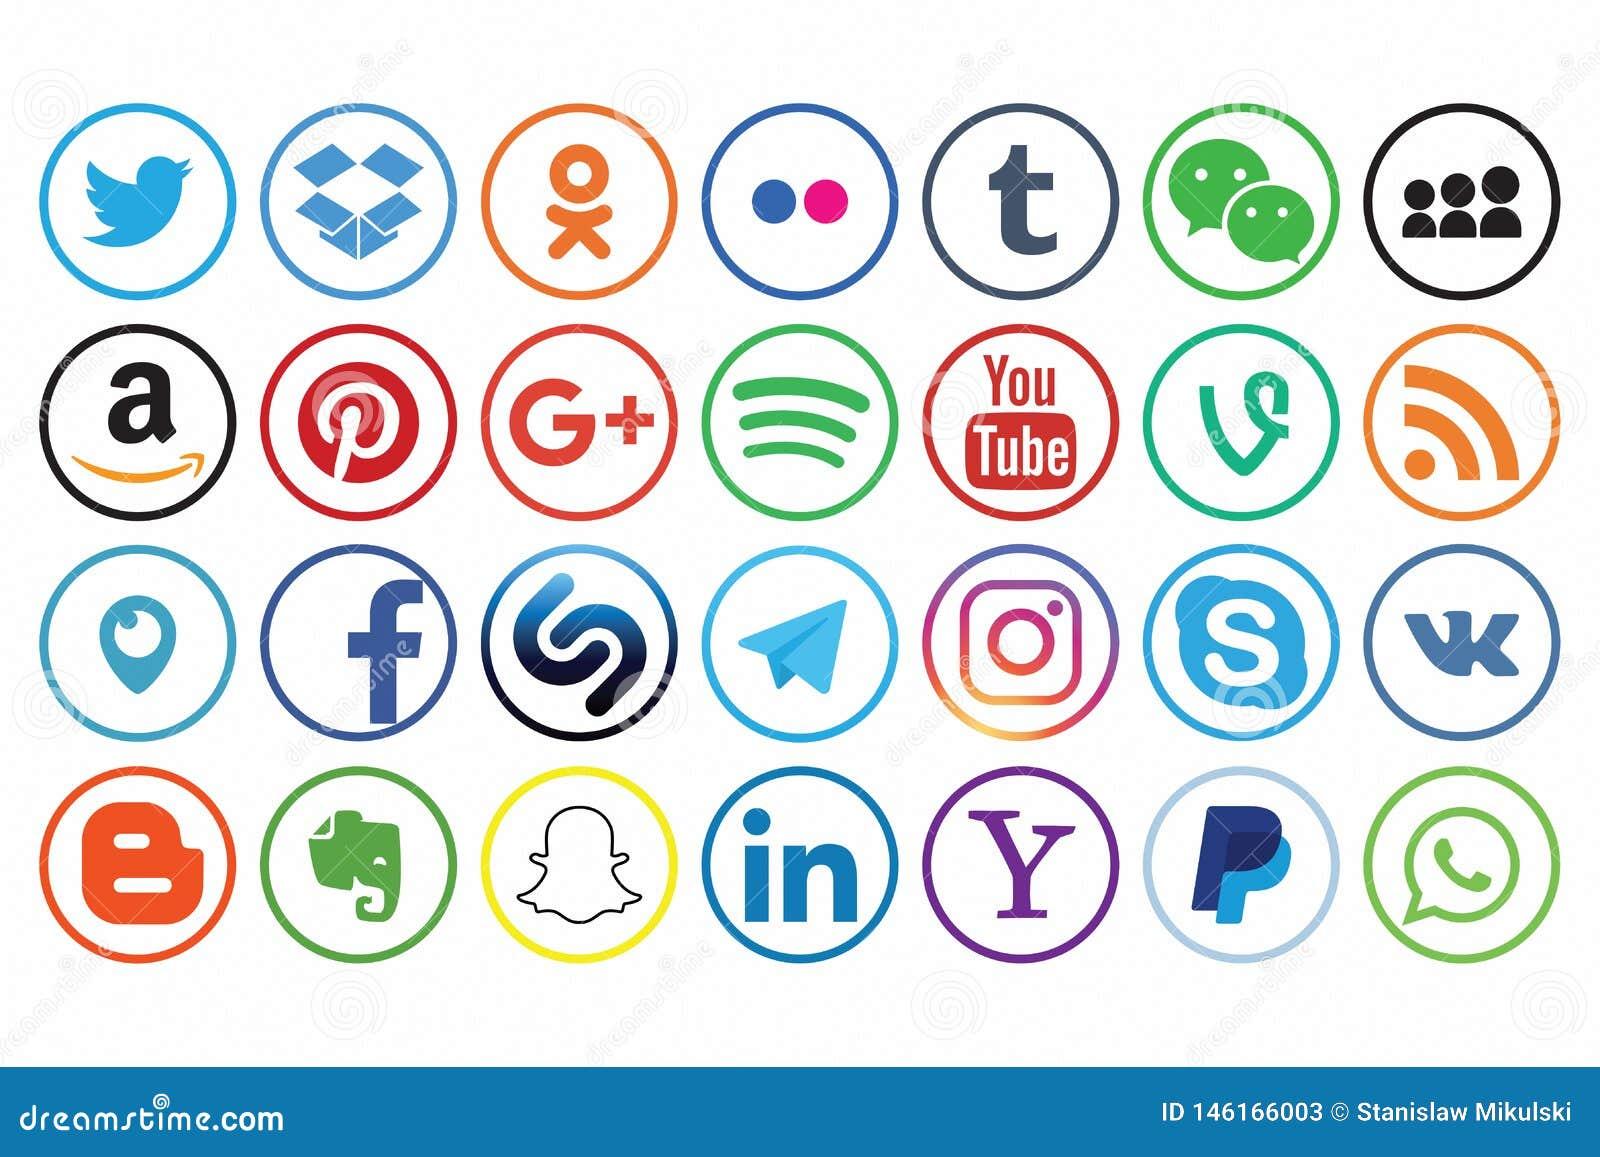 And logos social names media A